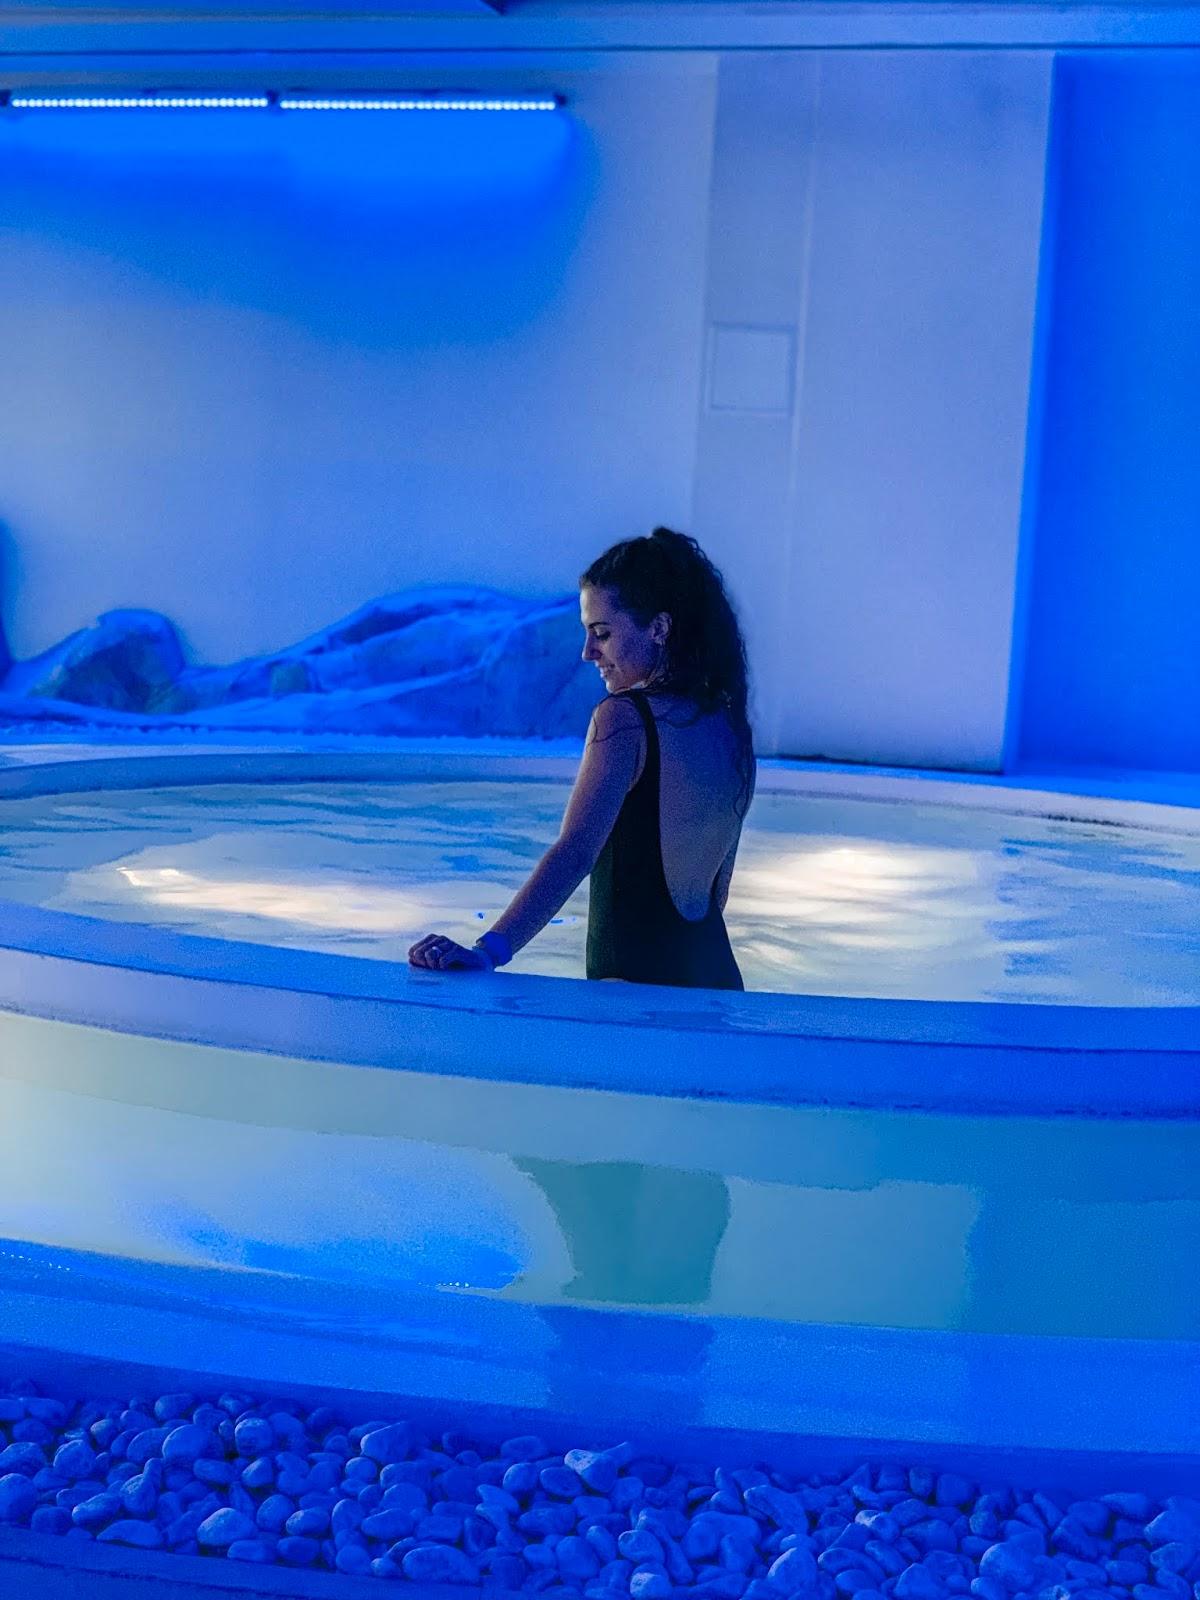 exit spa experience una giornata di relax alle porte di milano, Valentina Rago, fashion need, spa milano, exit spa